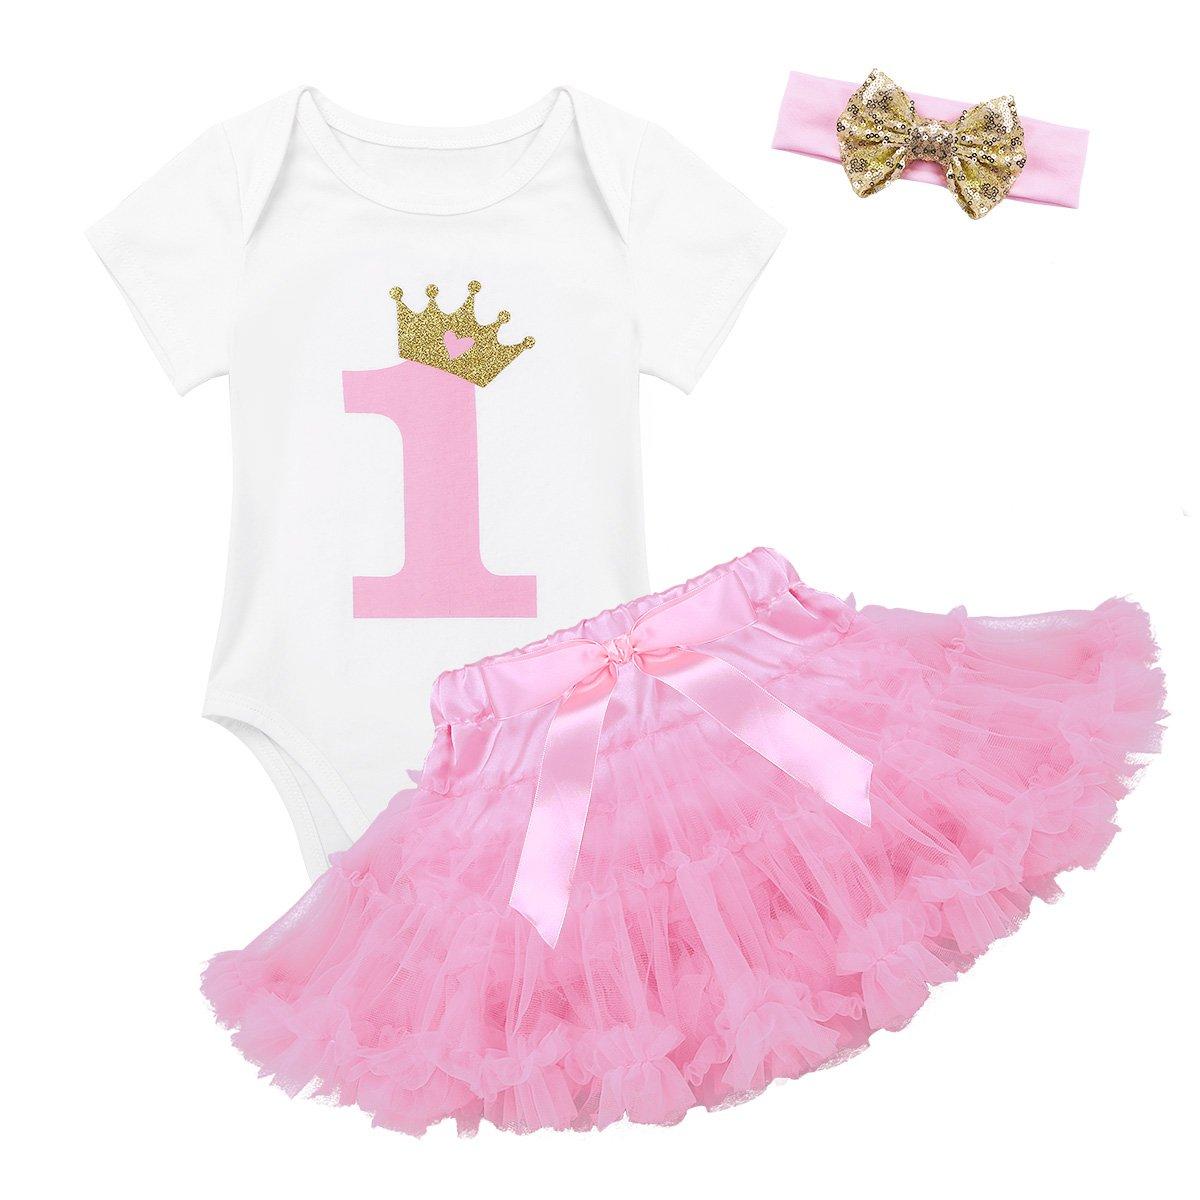 CHICTRY Bebé Niña Vestido Cumpleaños 3pcs Corona Patrón de Primer/Segundo Cumpleaños para Vestido de Tutú Flores/Rosa/1años